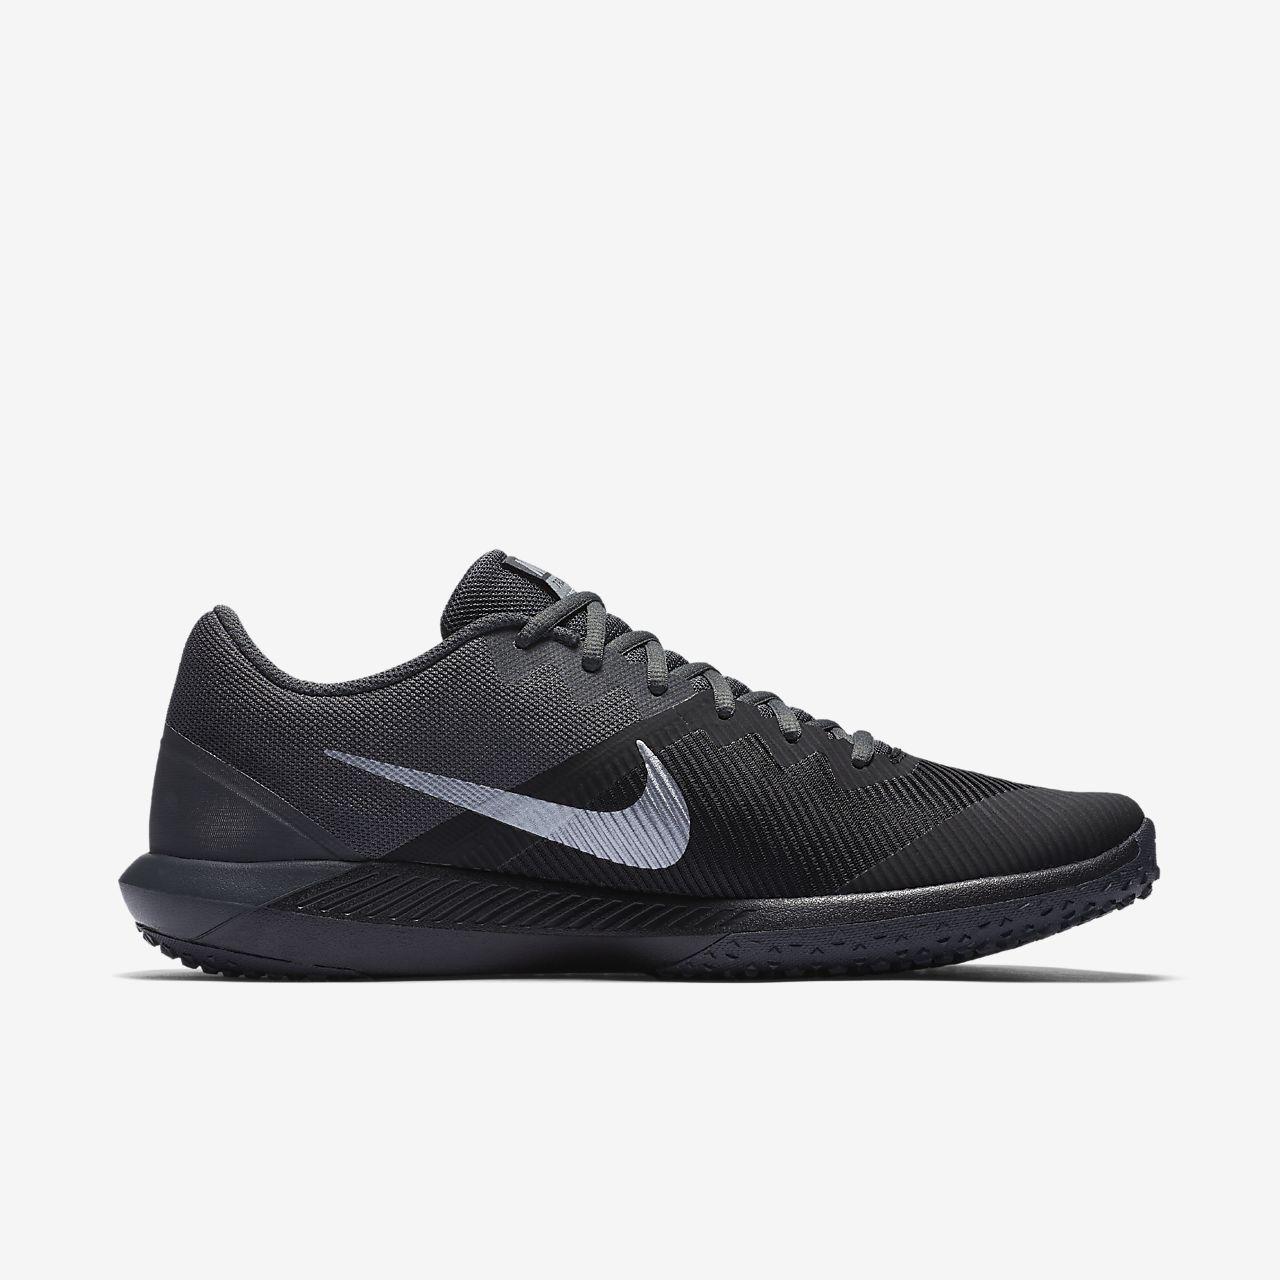 04afb9284cb9a Nike Retaliation TR Men s Gym Training Workout Shoe. Nike.com